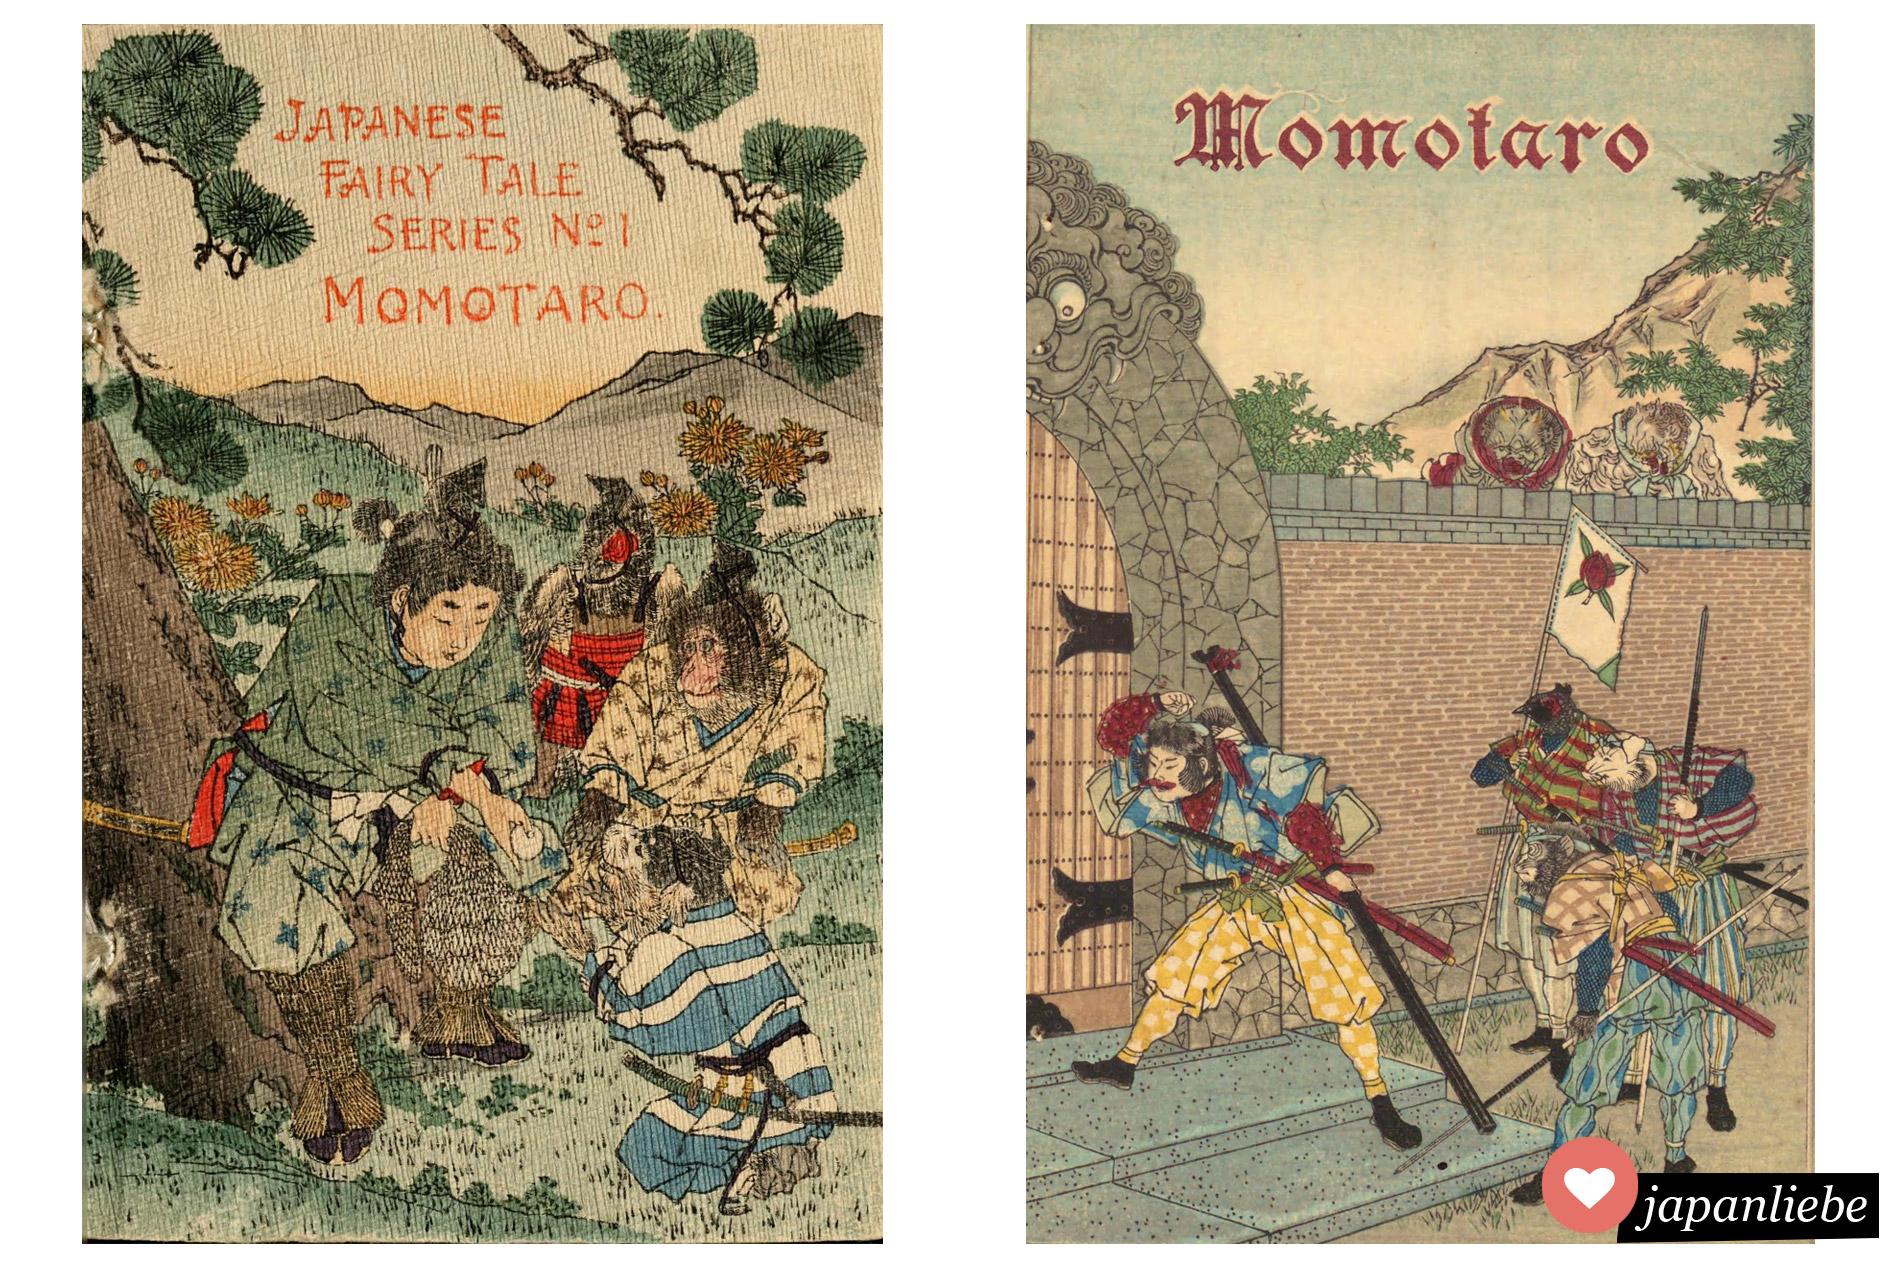 Diese zwei historischen Buchcover aus den 1890er-Jahren stellen Momotarō sehr unterschiedlich dar: einmals als den freundlichen Jungen, der einen Kloß an einen Hund verfüttert, einmal als Krieger am Tor der Ogerfestung. (Fotos: Wikimedia Public Domain)